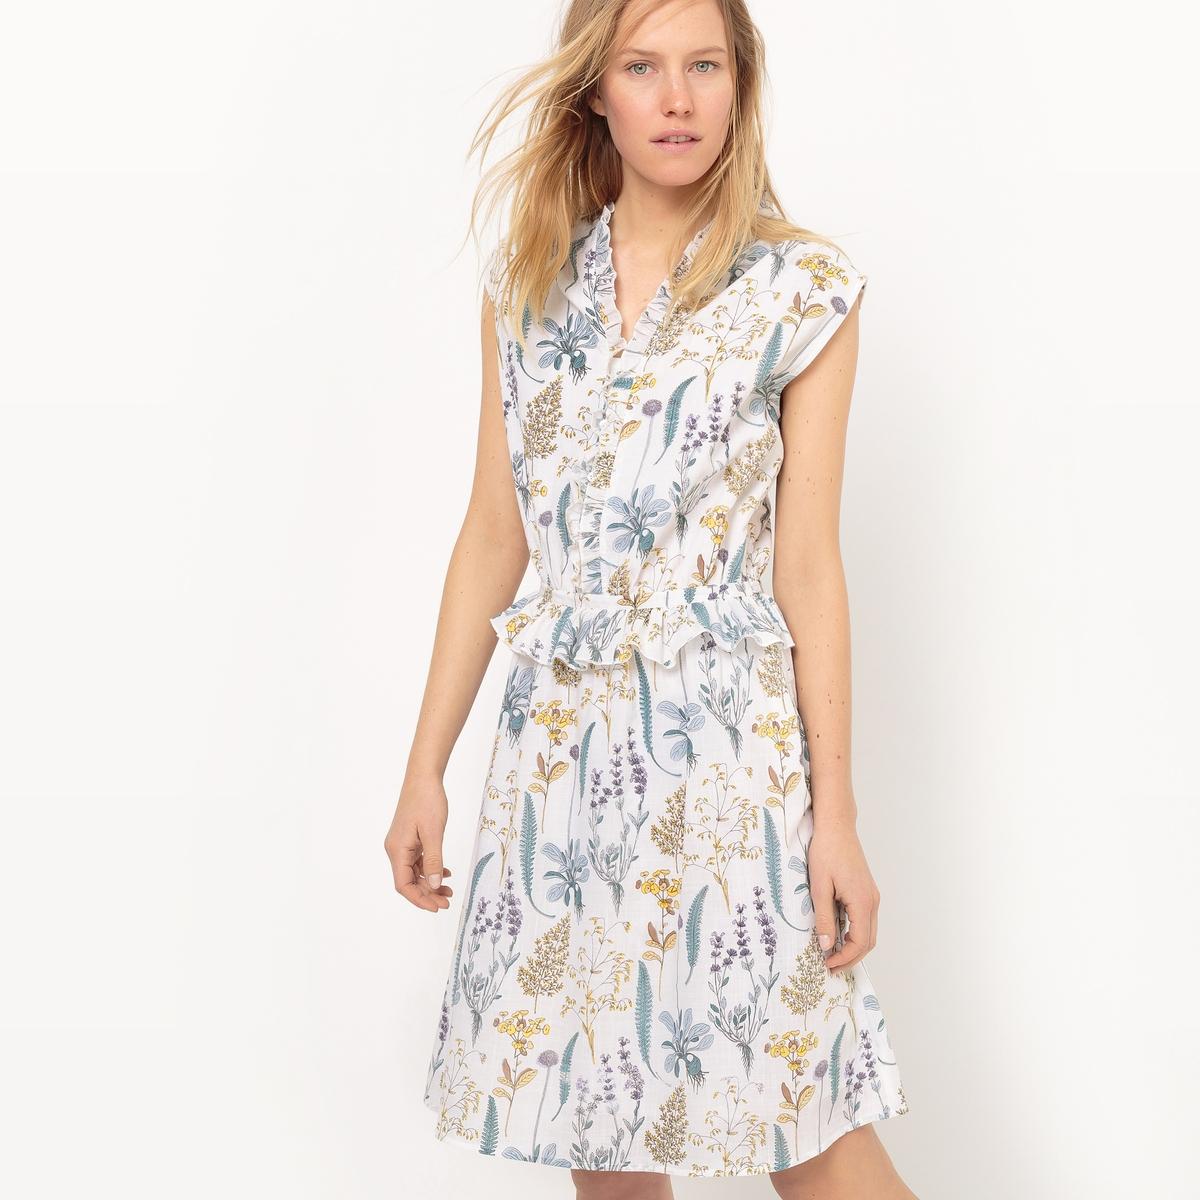 Платье длинное без рукавов, с воланами lovaru ™ 2015 летний стиль женщин моды макси платье без рукавов слэш шеи высокого качества мягкие и удобные платья горячей продажи